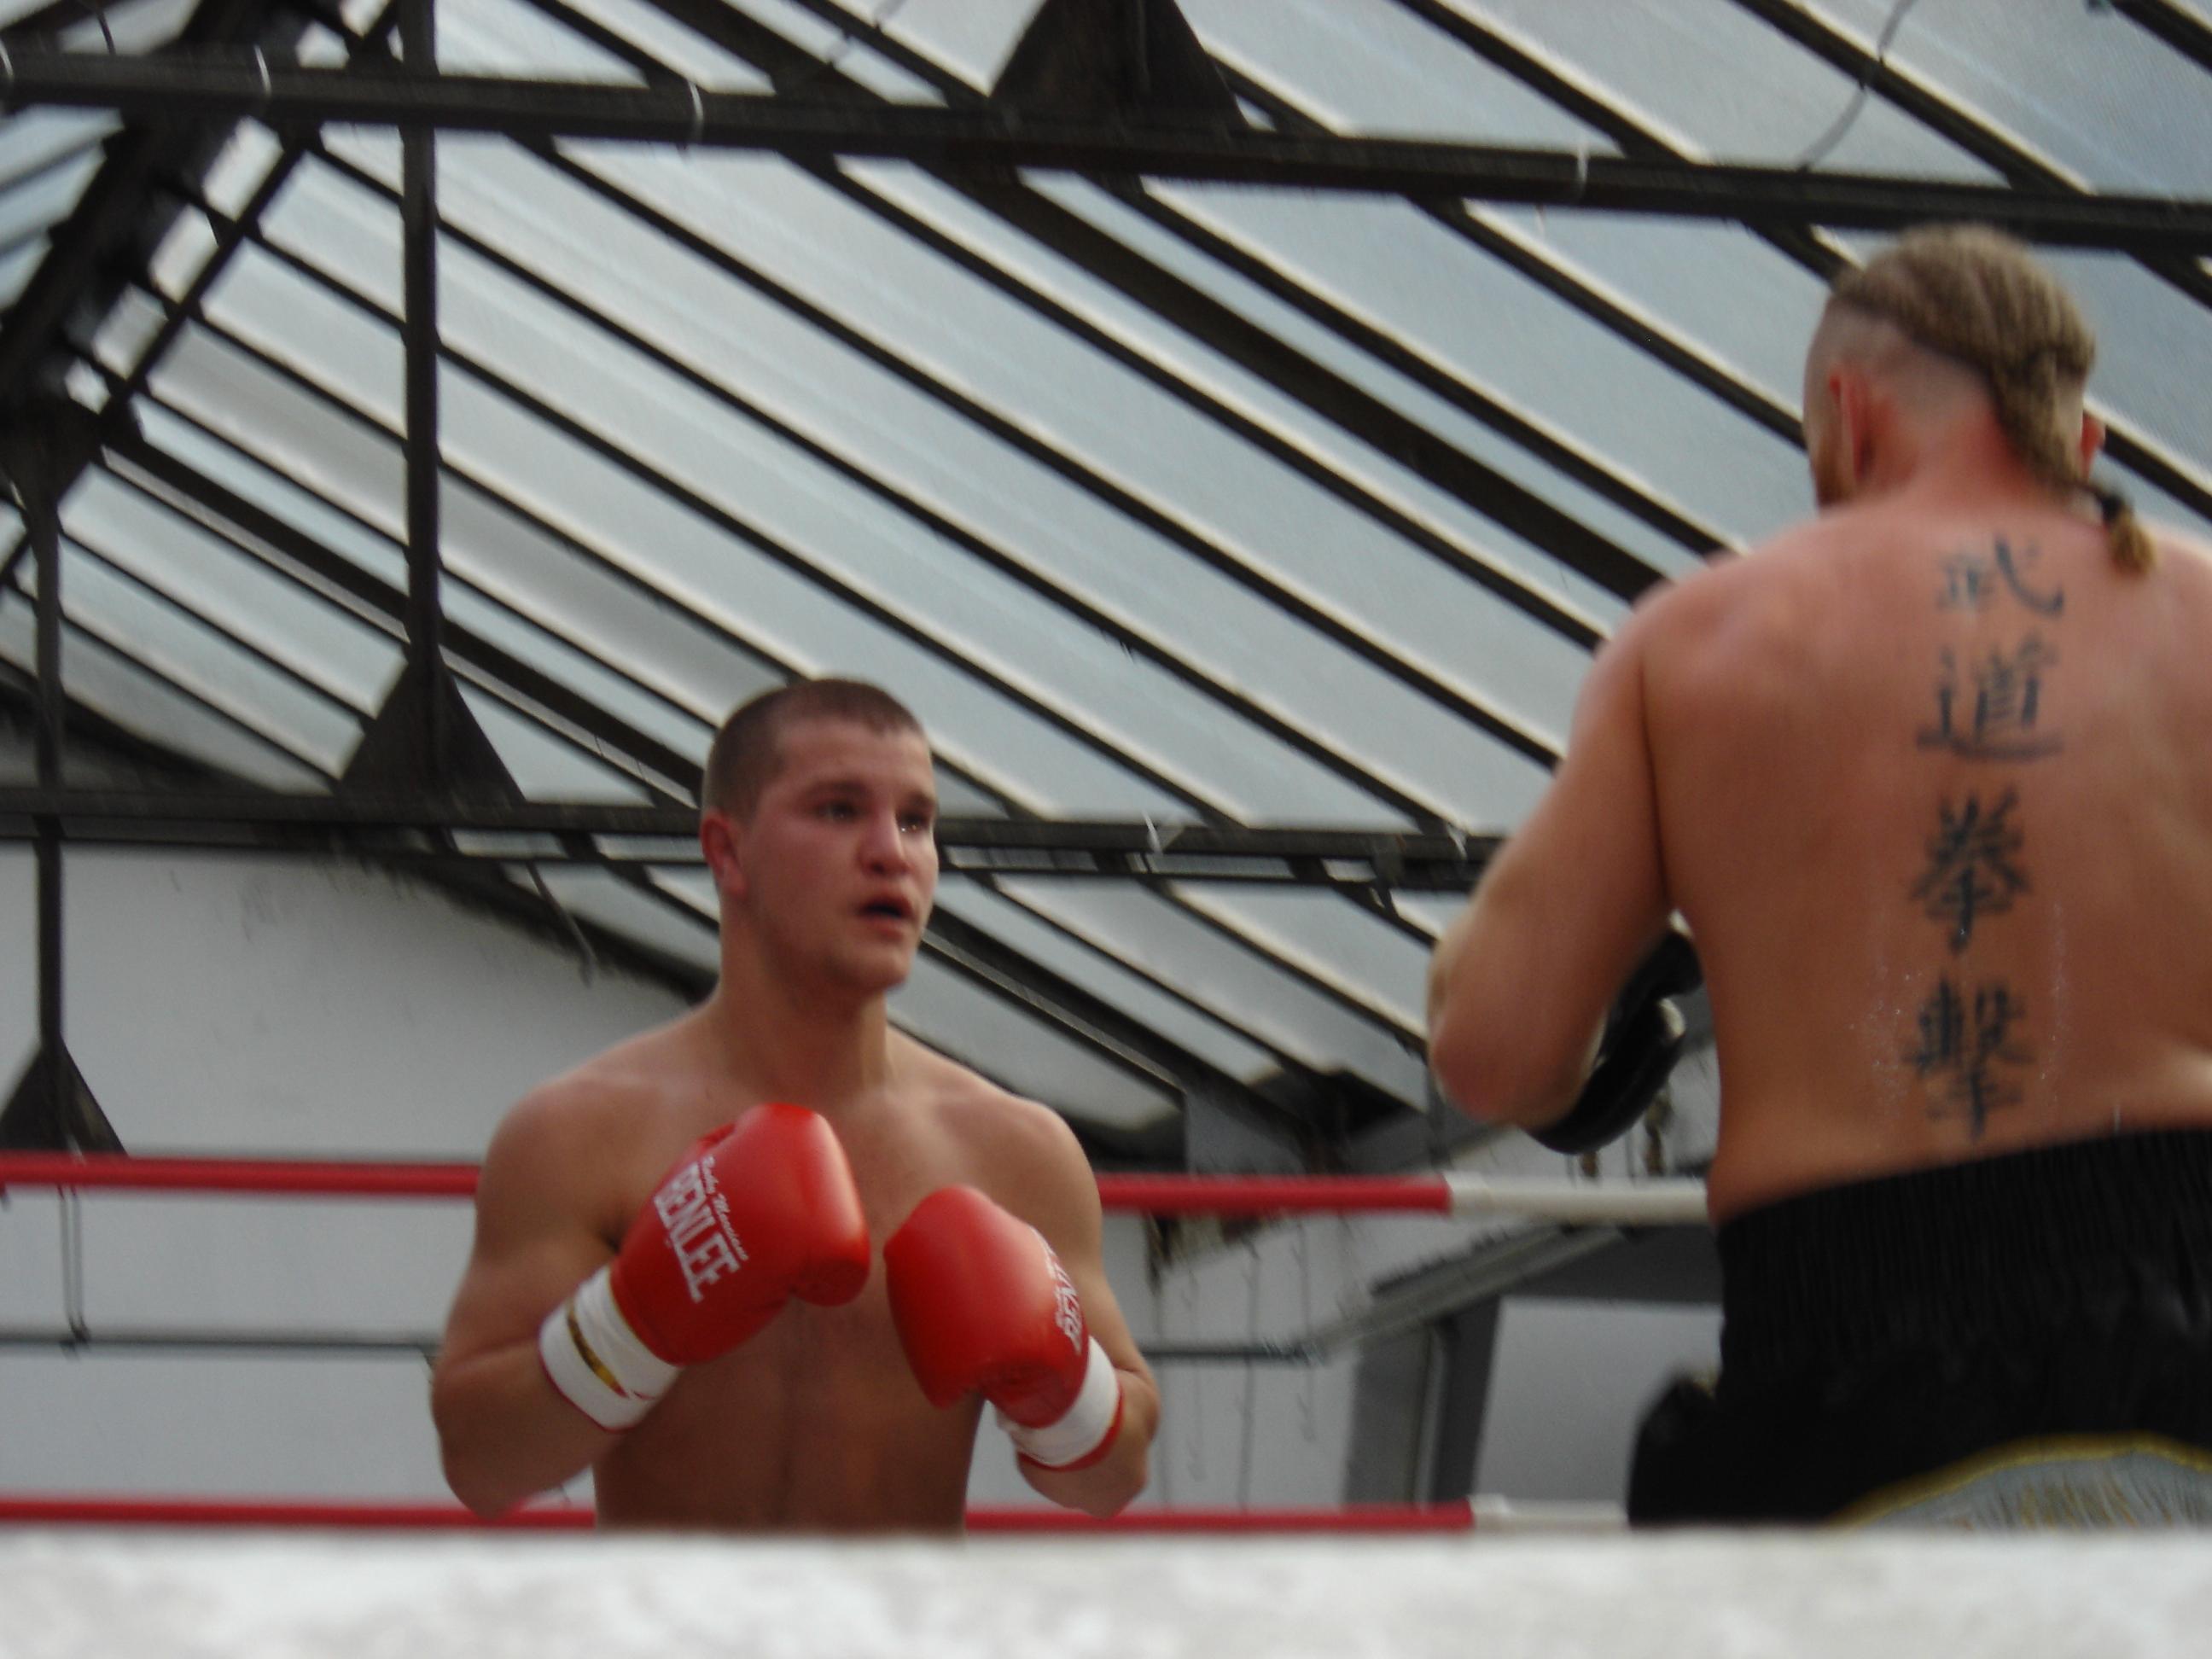 federgewicht boxen